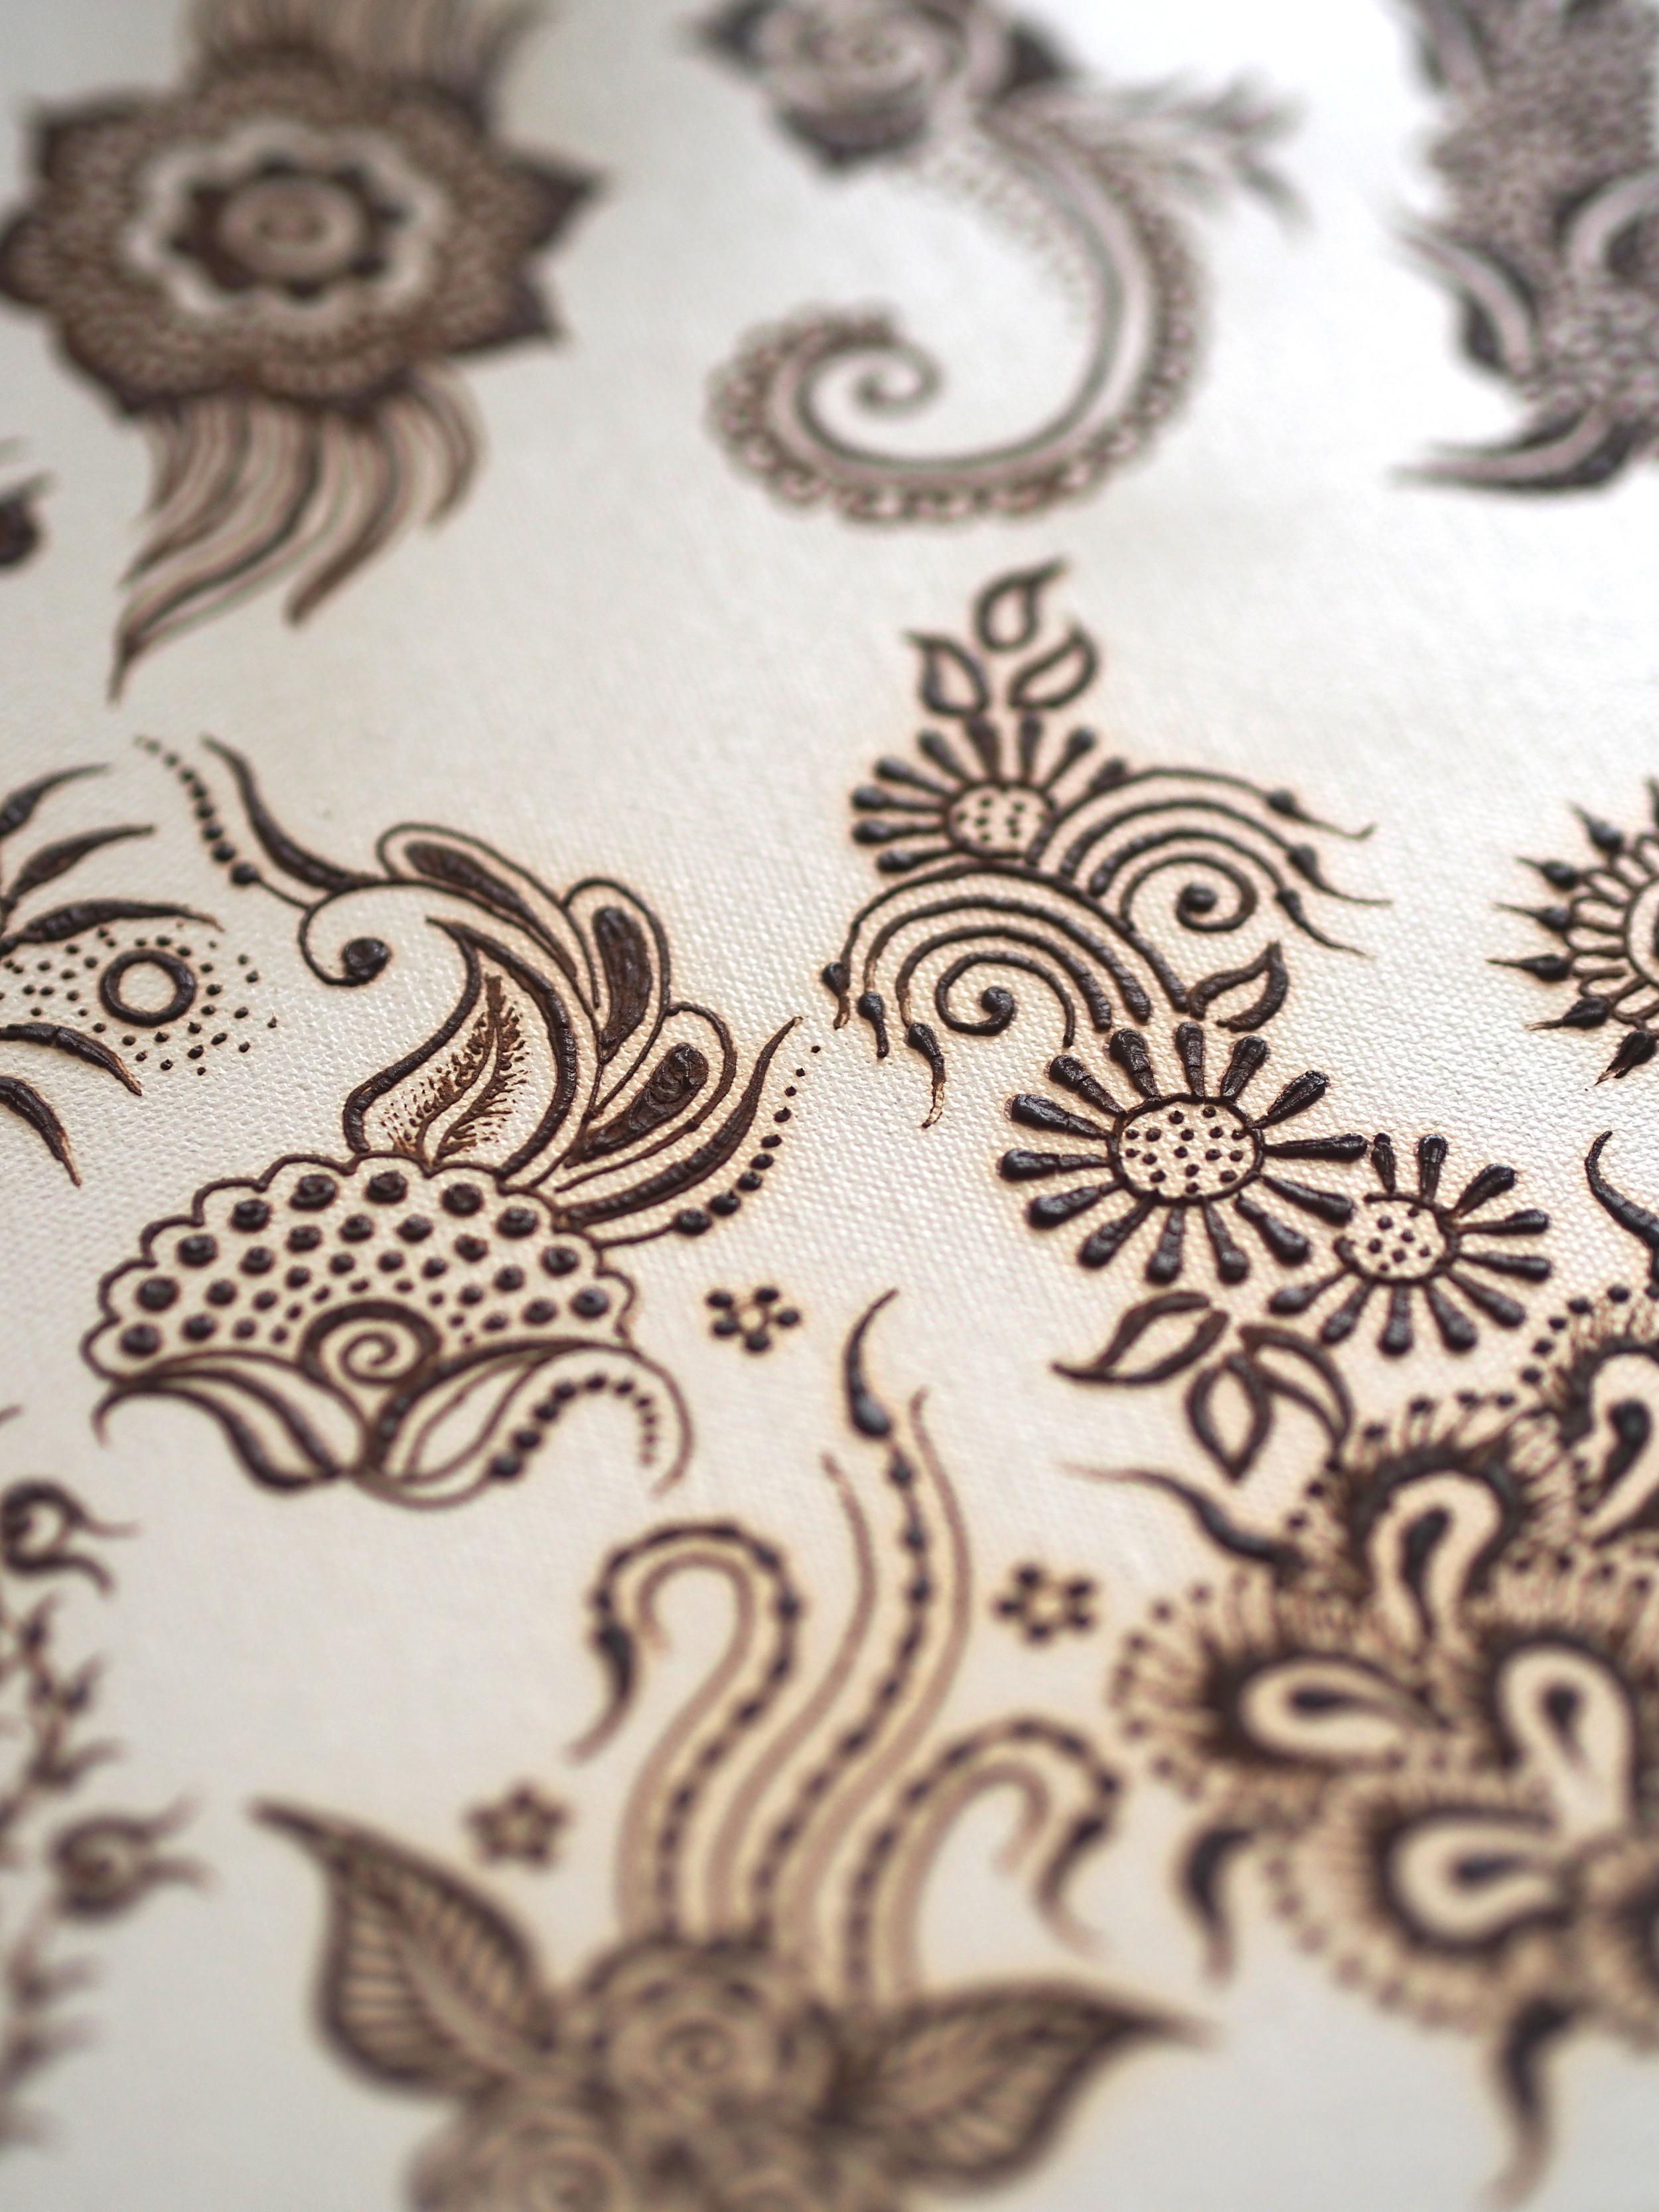 Gambar Terbaru Henna Bunga Mawar Sayang Dilewatkan Teknik